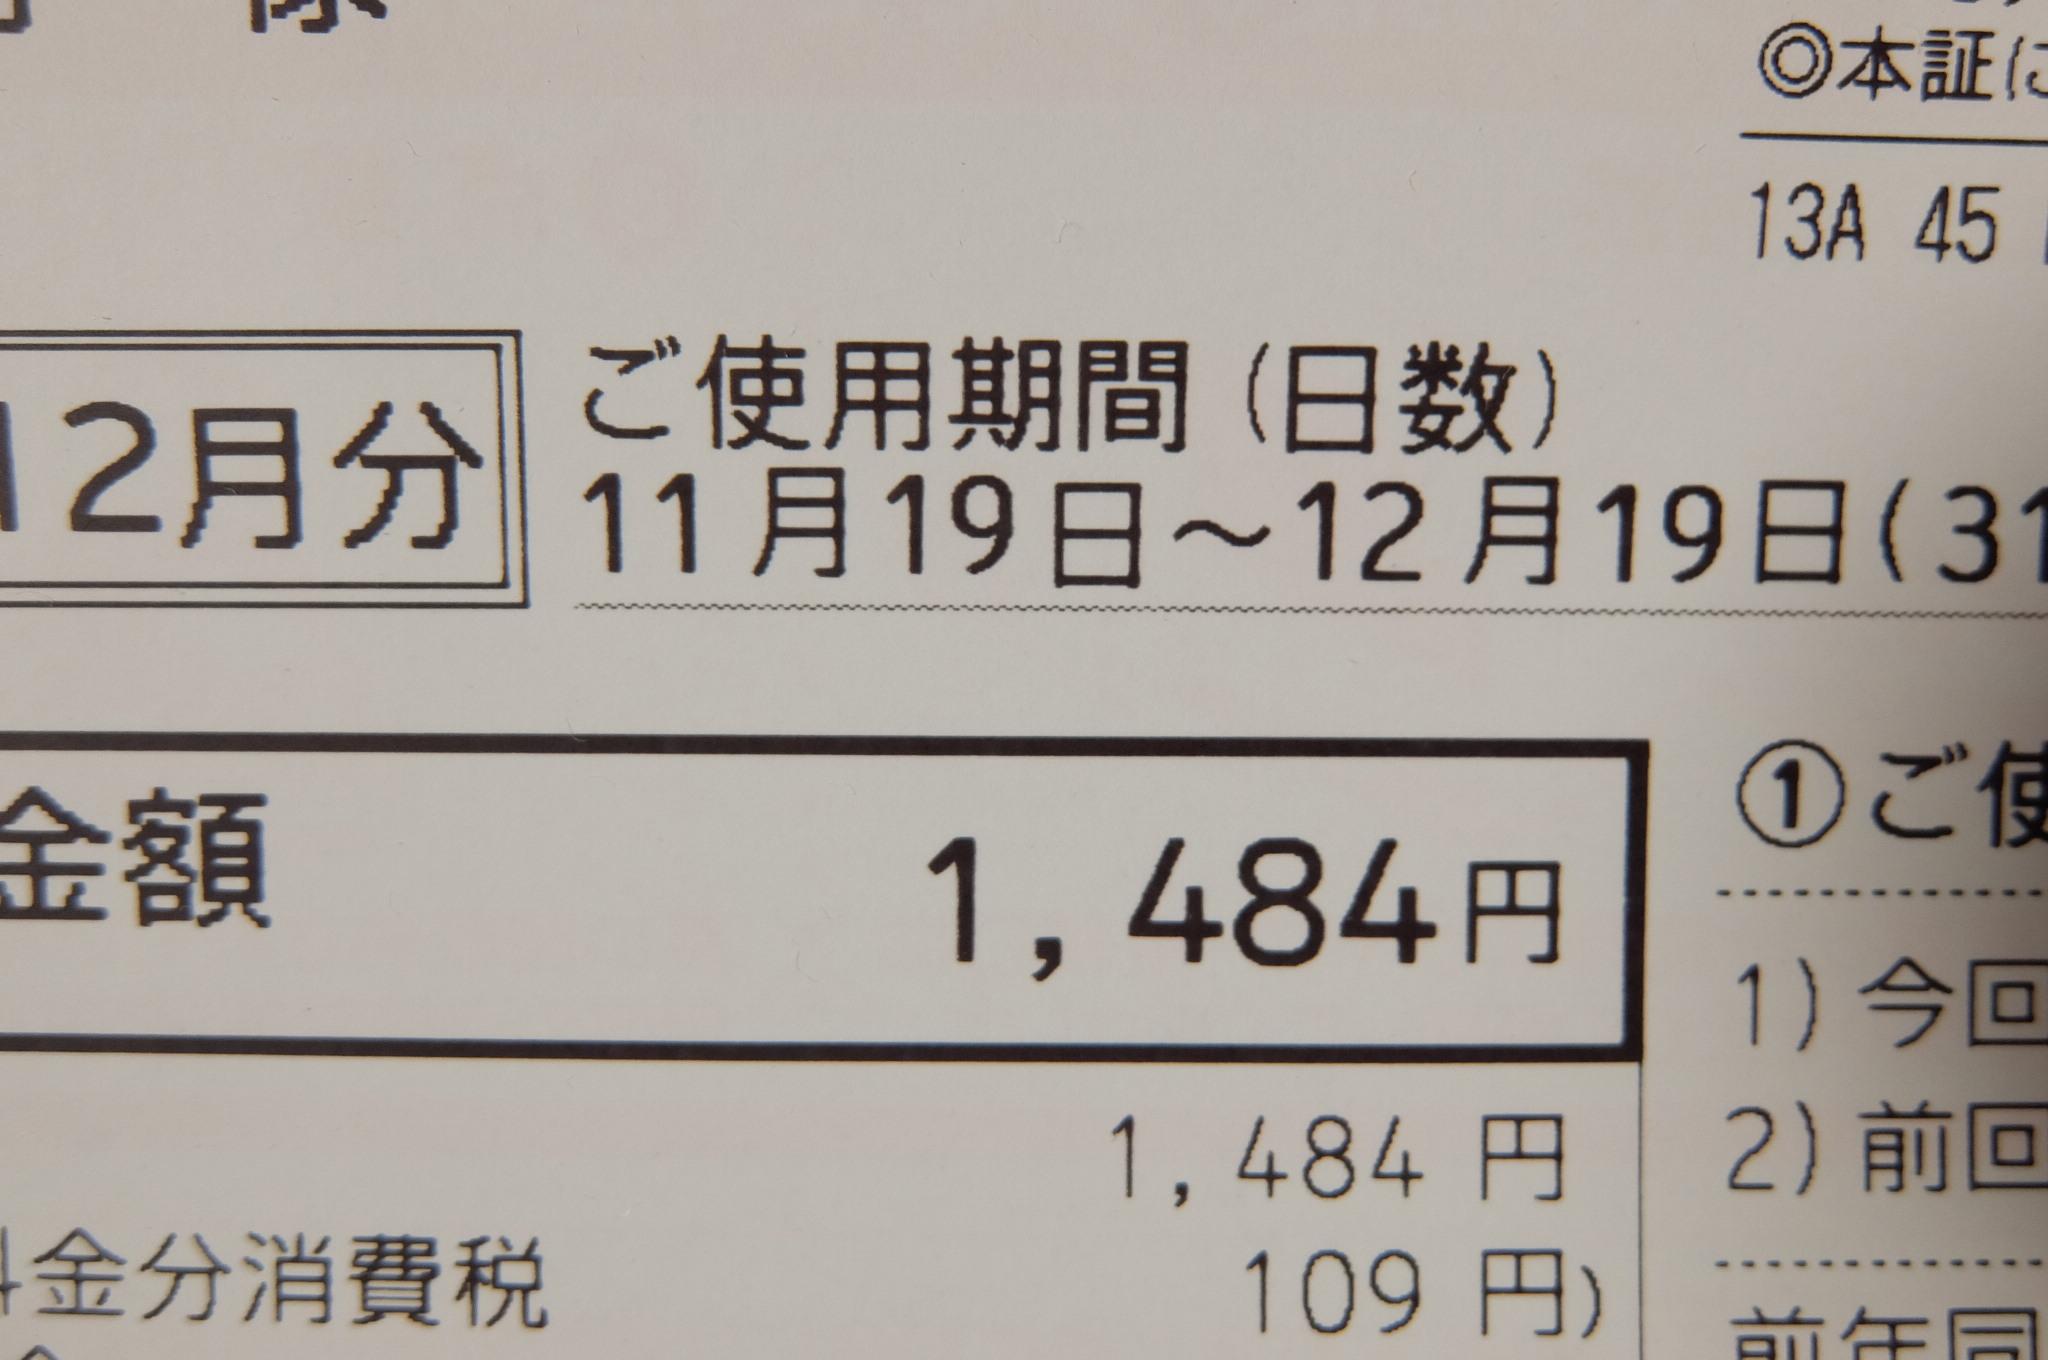 16121901.jpg